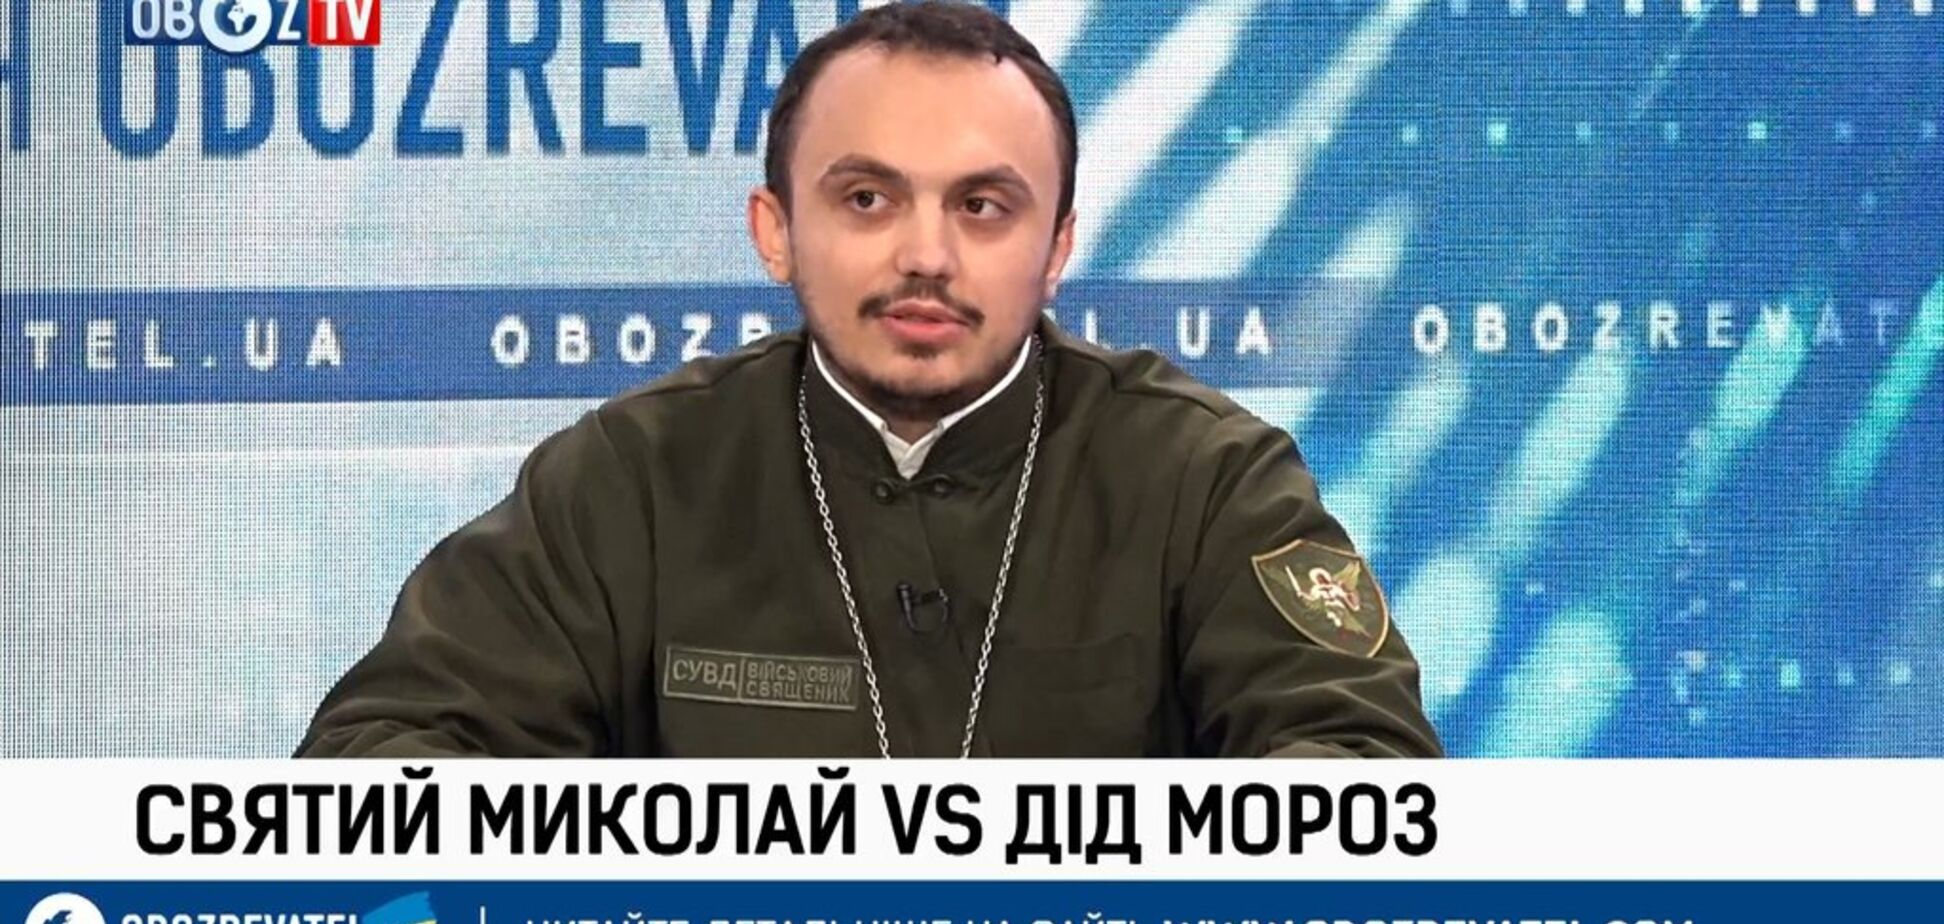 ''Святой Николай – особенный святой, который объеденил всях християн'' – иерей Андрей Гуль